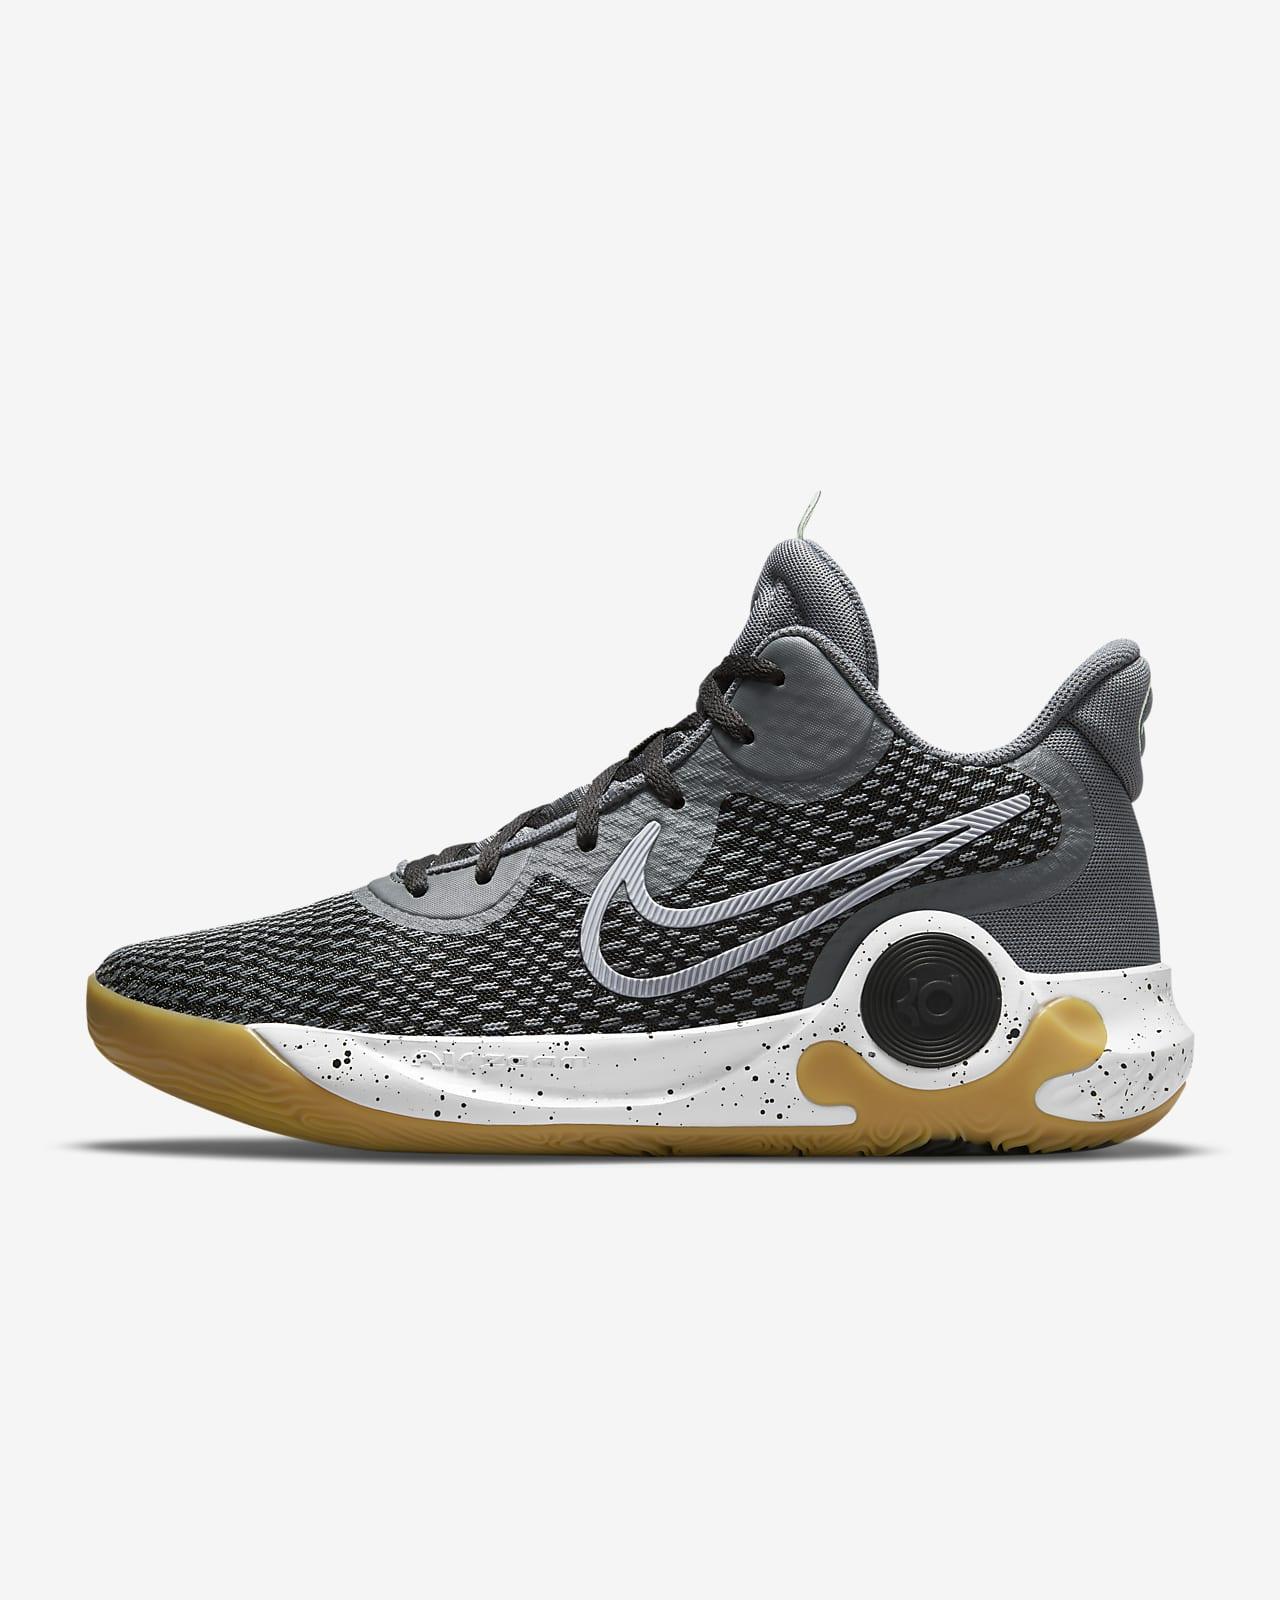 รองเท้าบาสเก็ตบอล KD Trey 5 IX EP